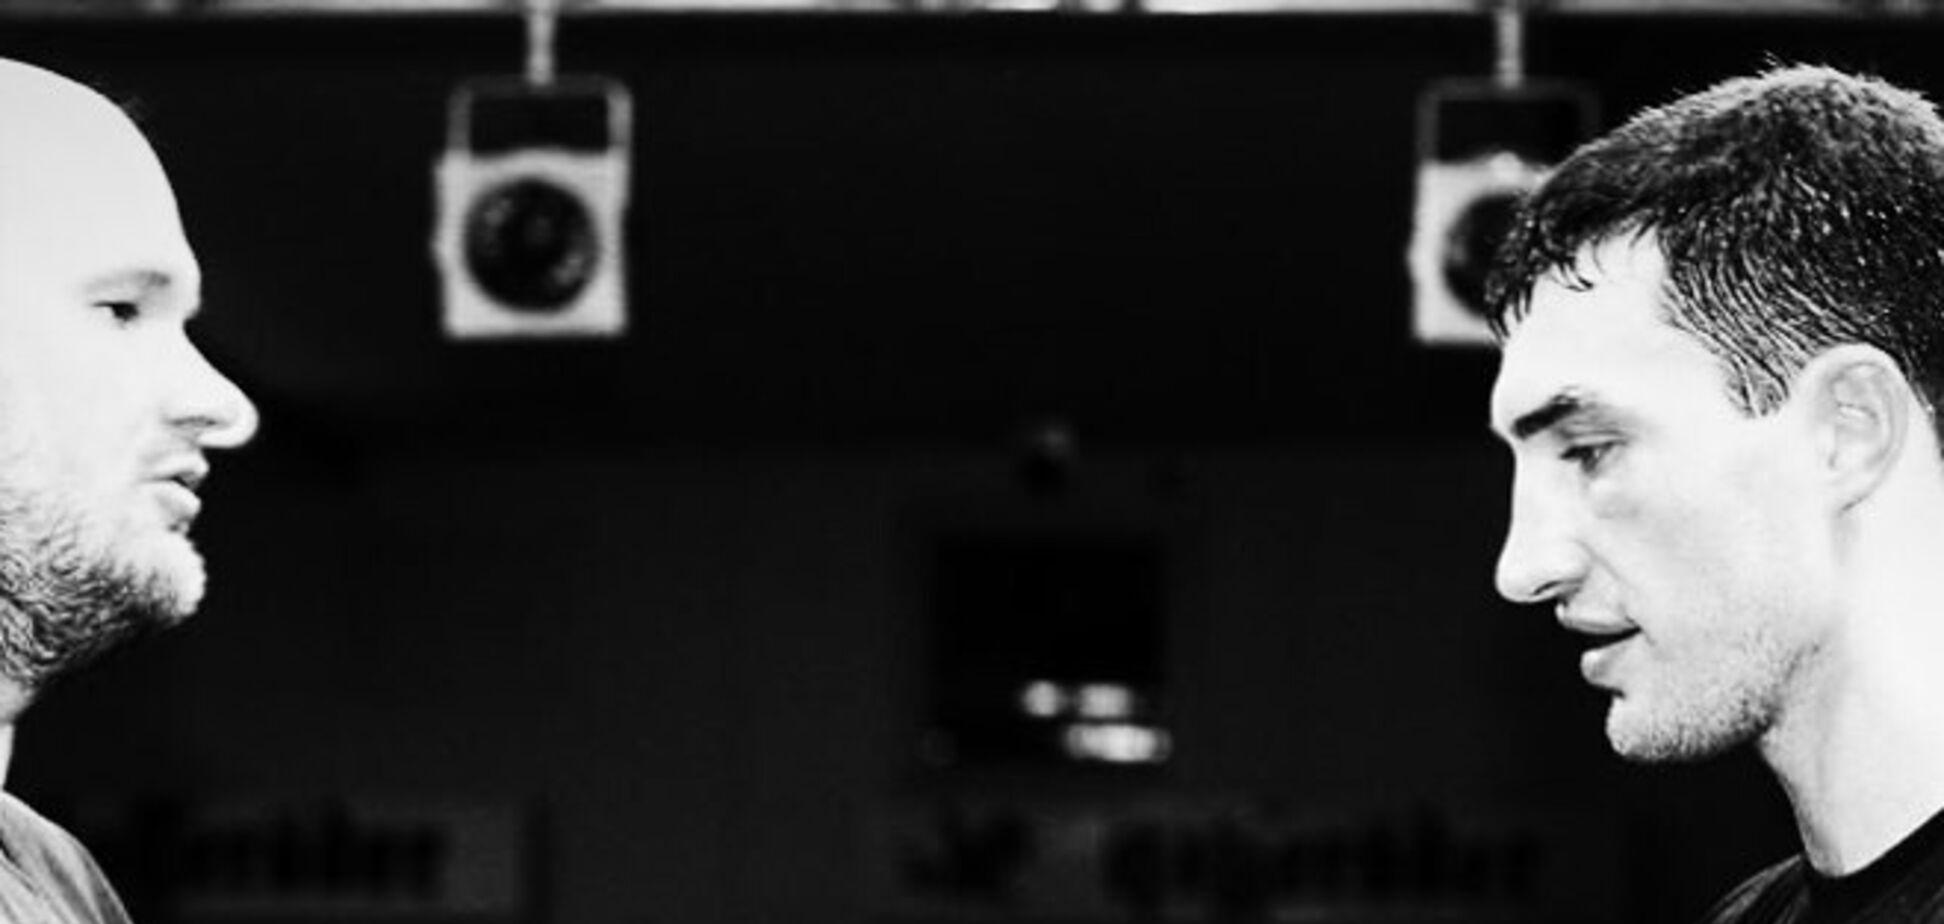 'Його більше немає': Кличко повідомив трагічну новину